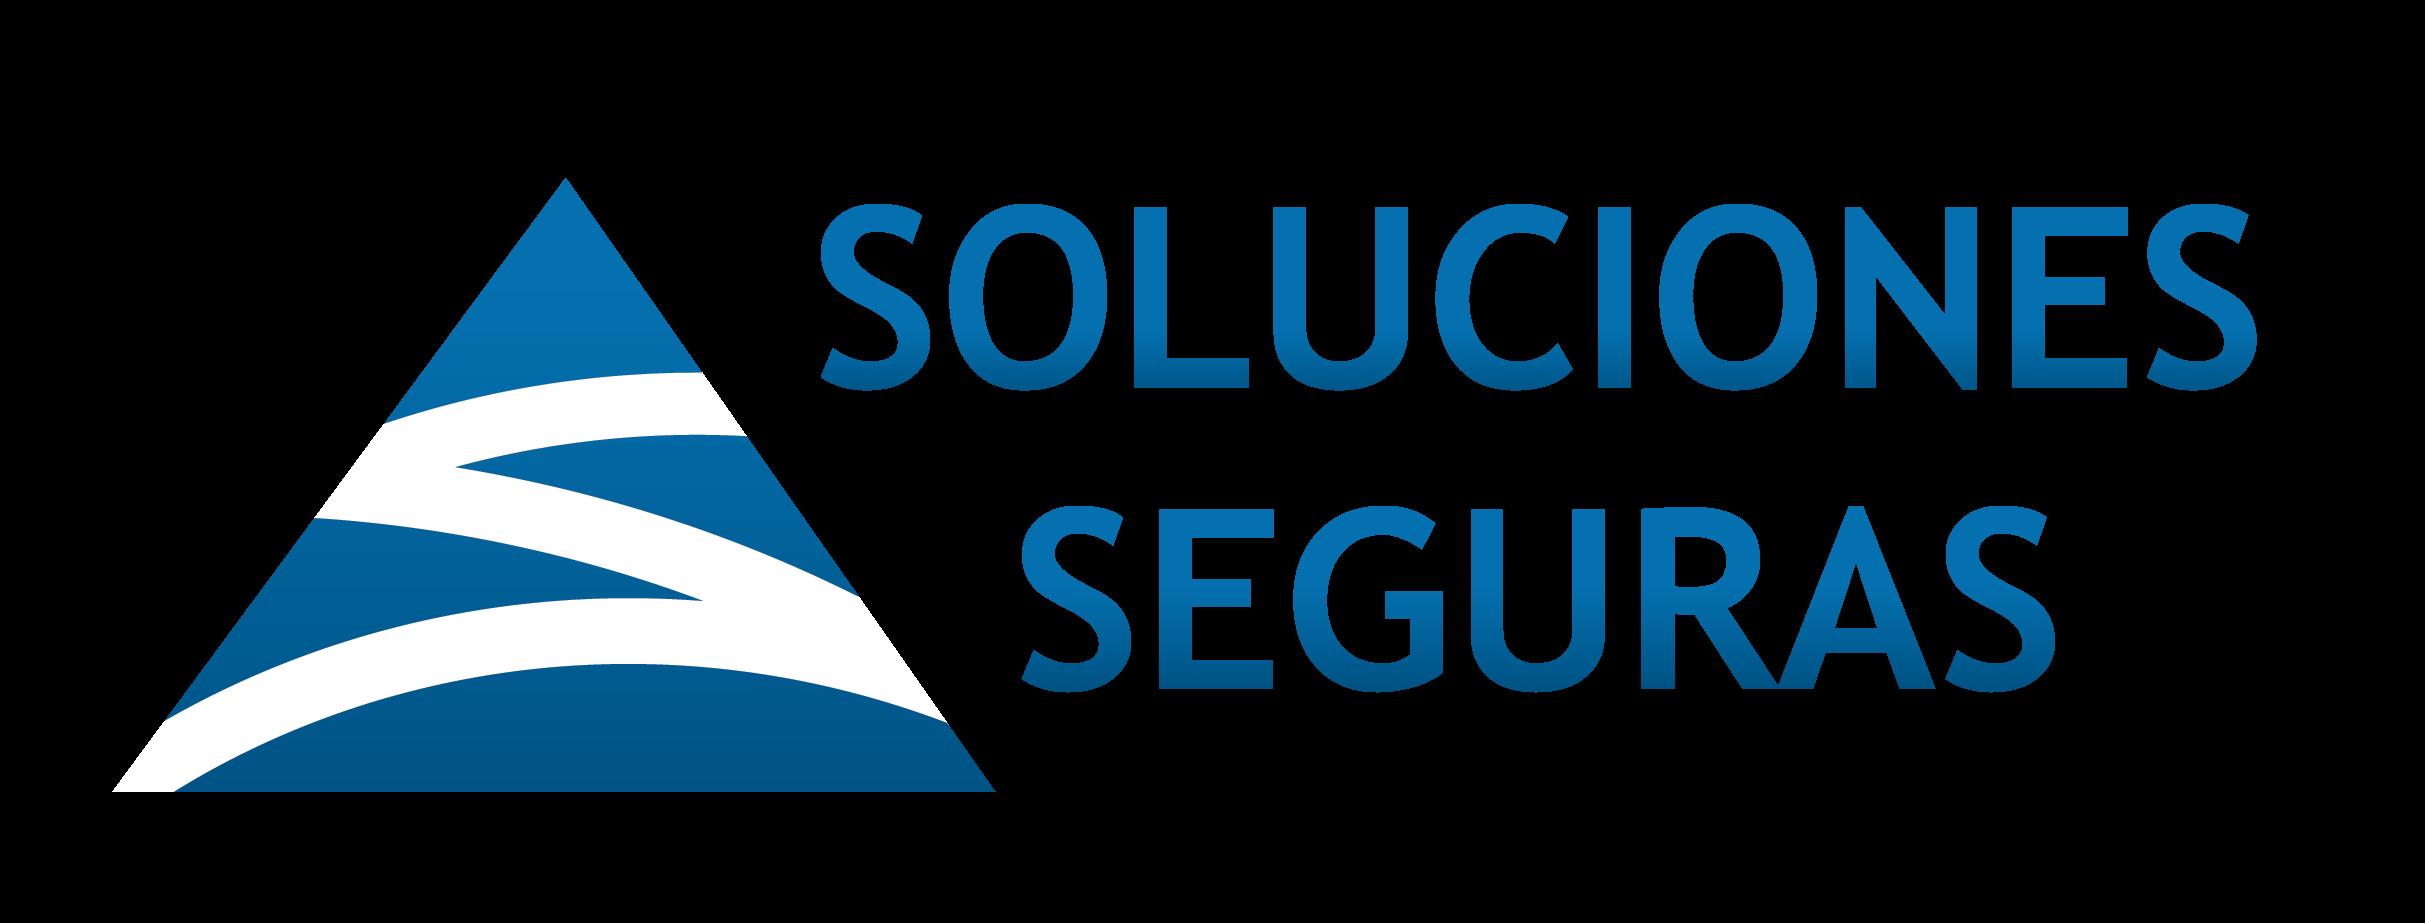 logo_soluciones_seguras